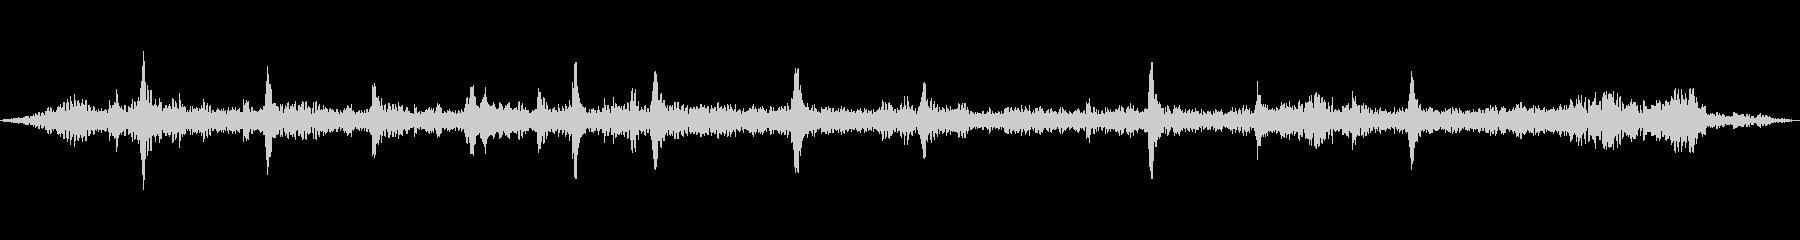 チュンチュン・・・(スズメたちの鳴き声)の未再生の波形